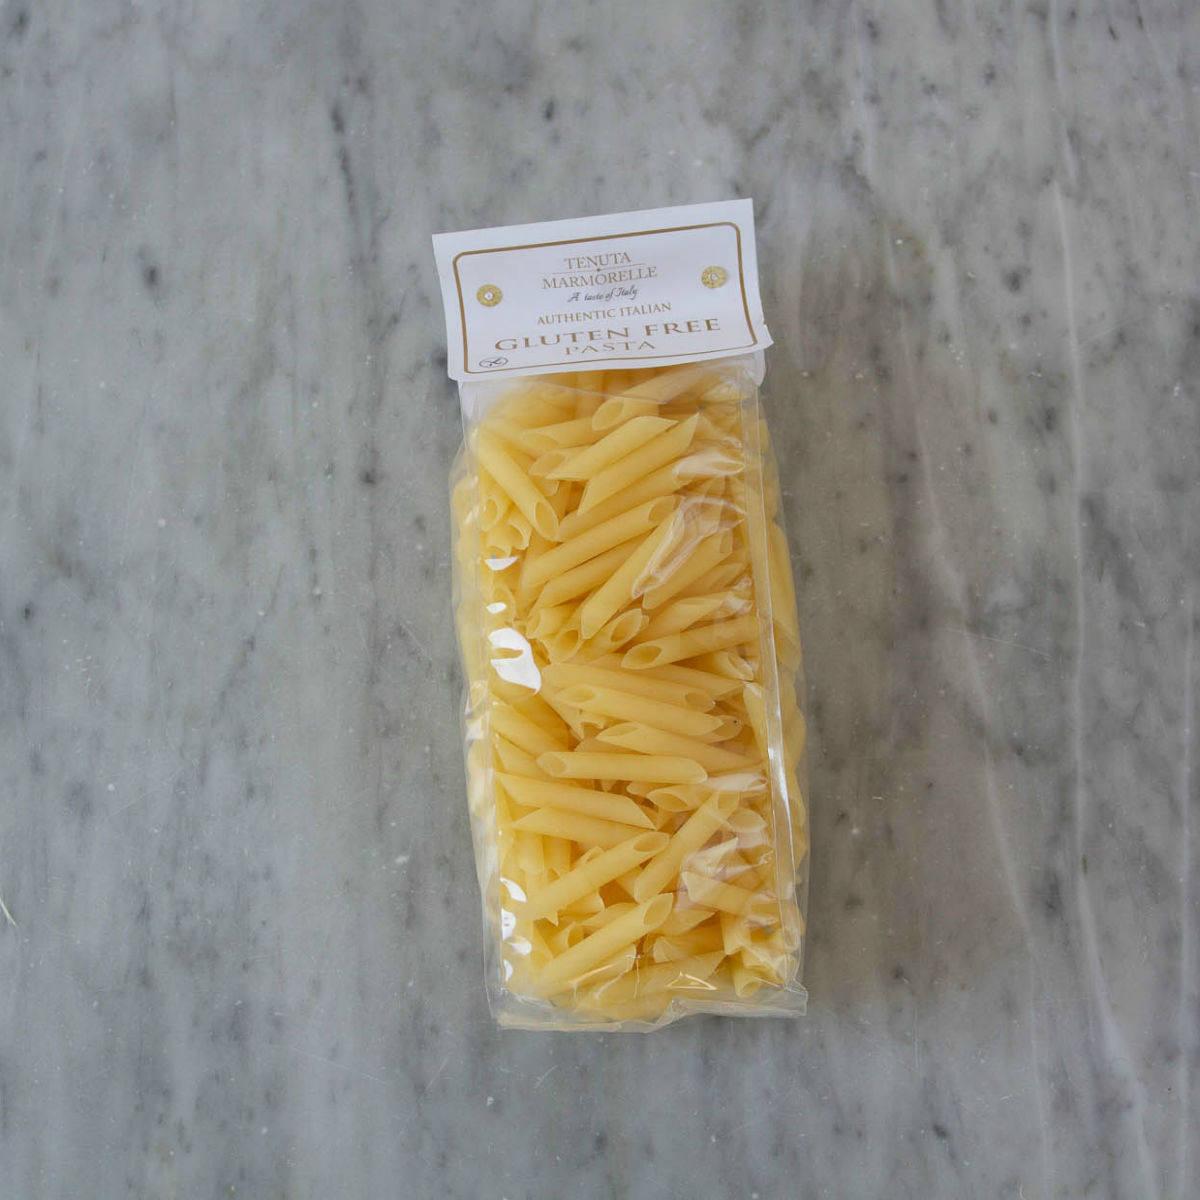 Tenuta Marmorelle Gluten Free Pasta Penne Rigate